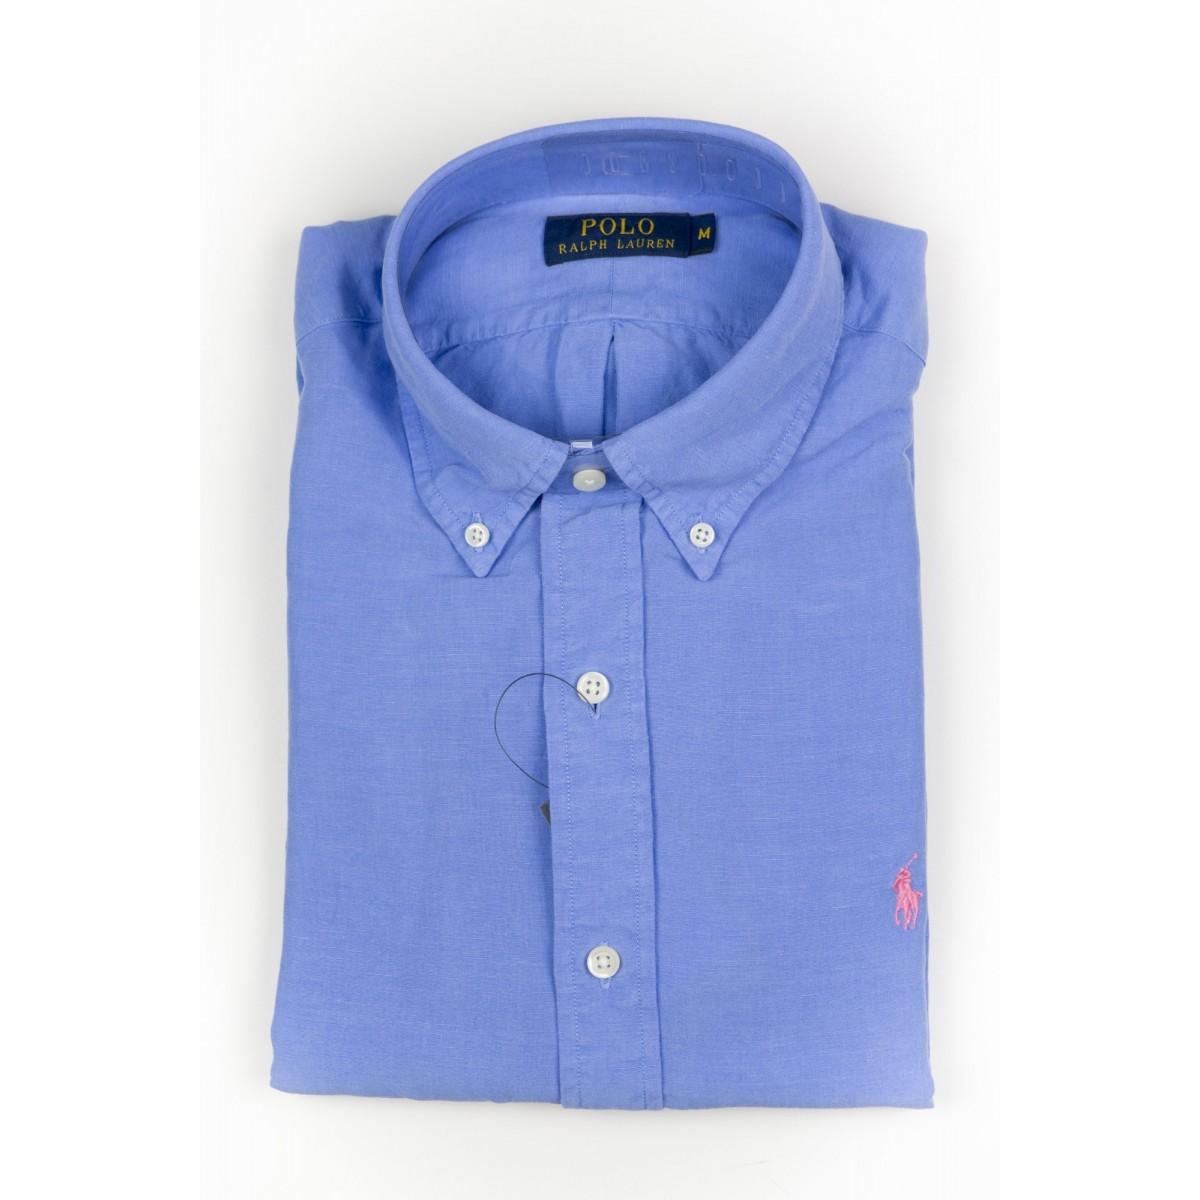 Camicia uomo Ralph lauren - A04wbdplltime A5420 - azzurro